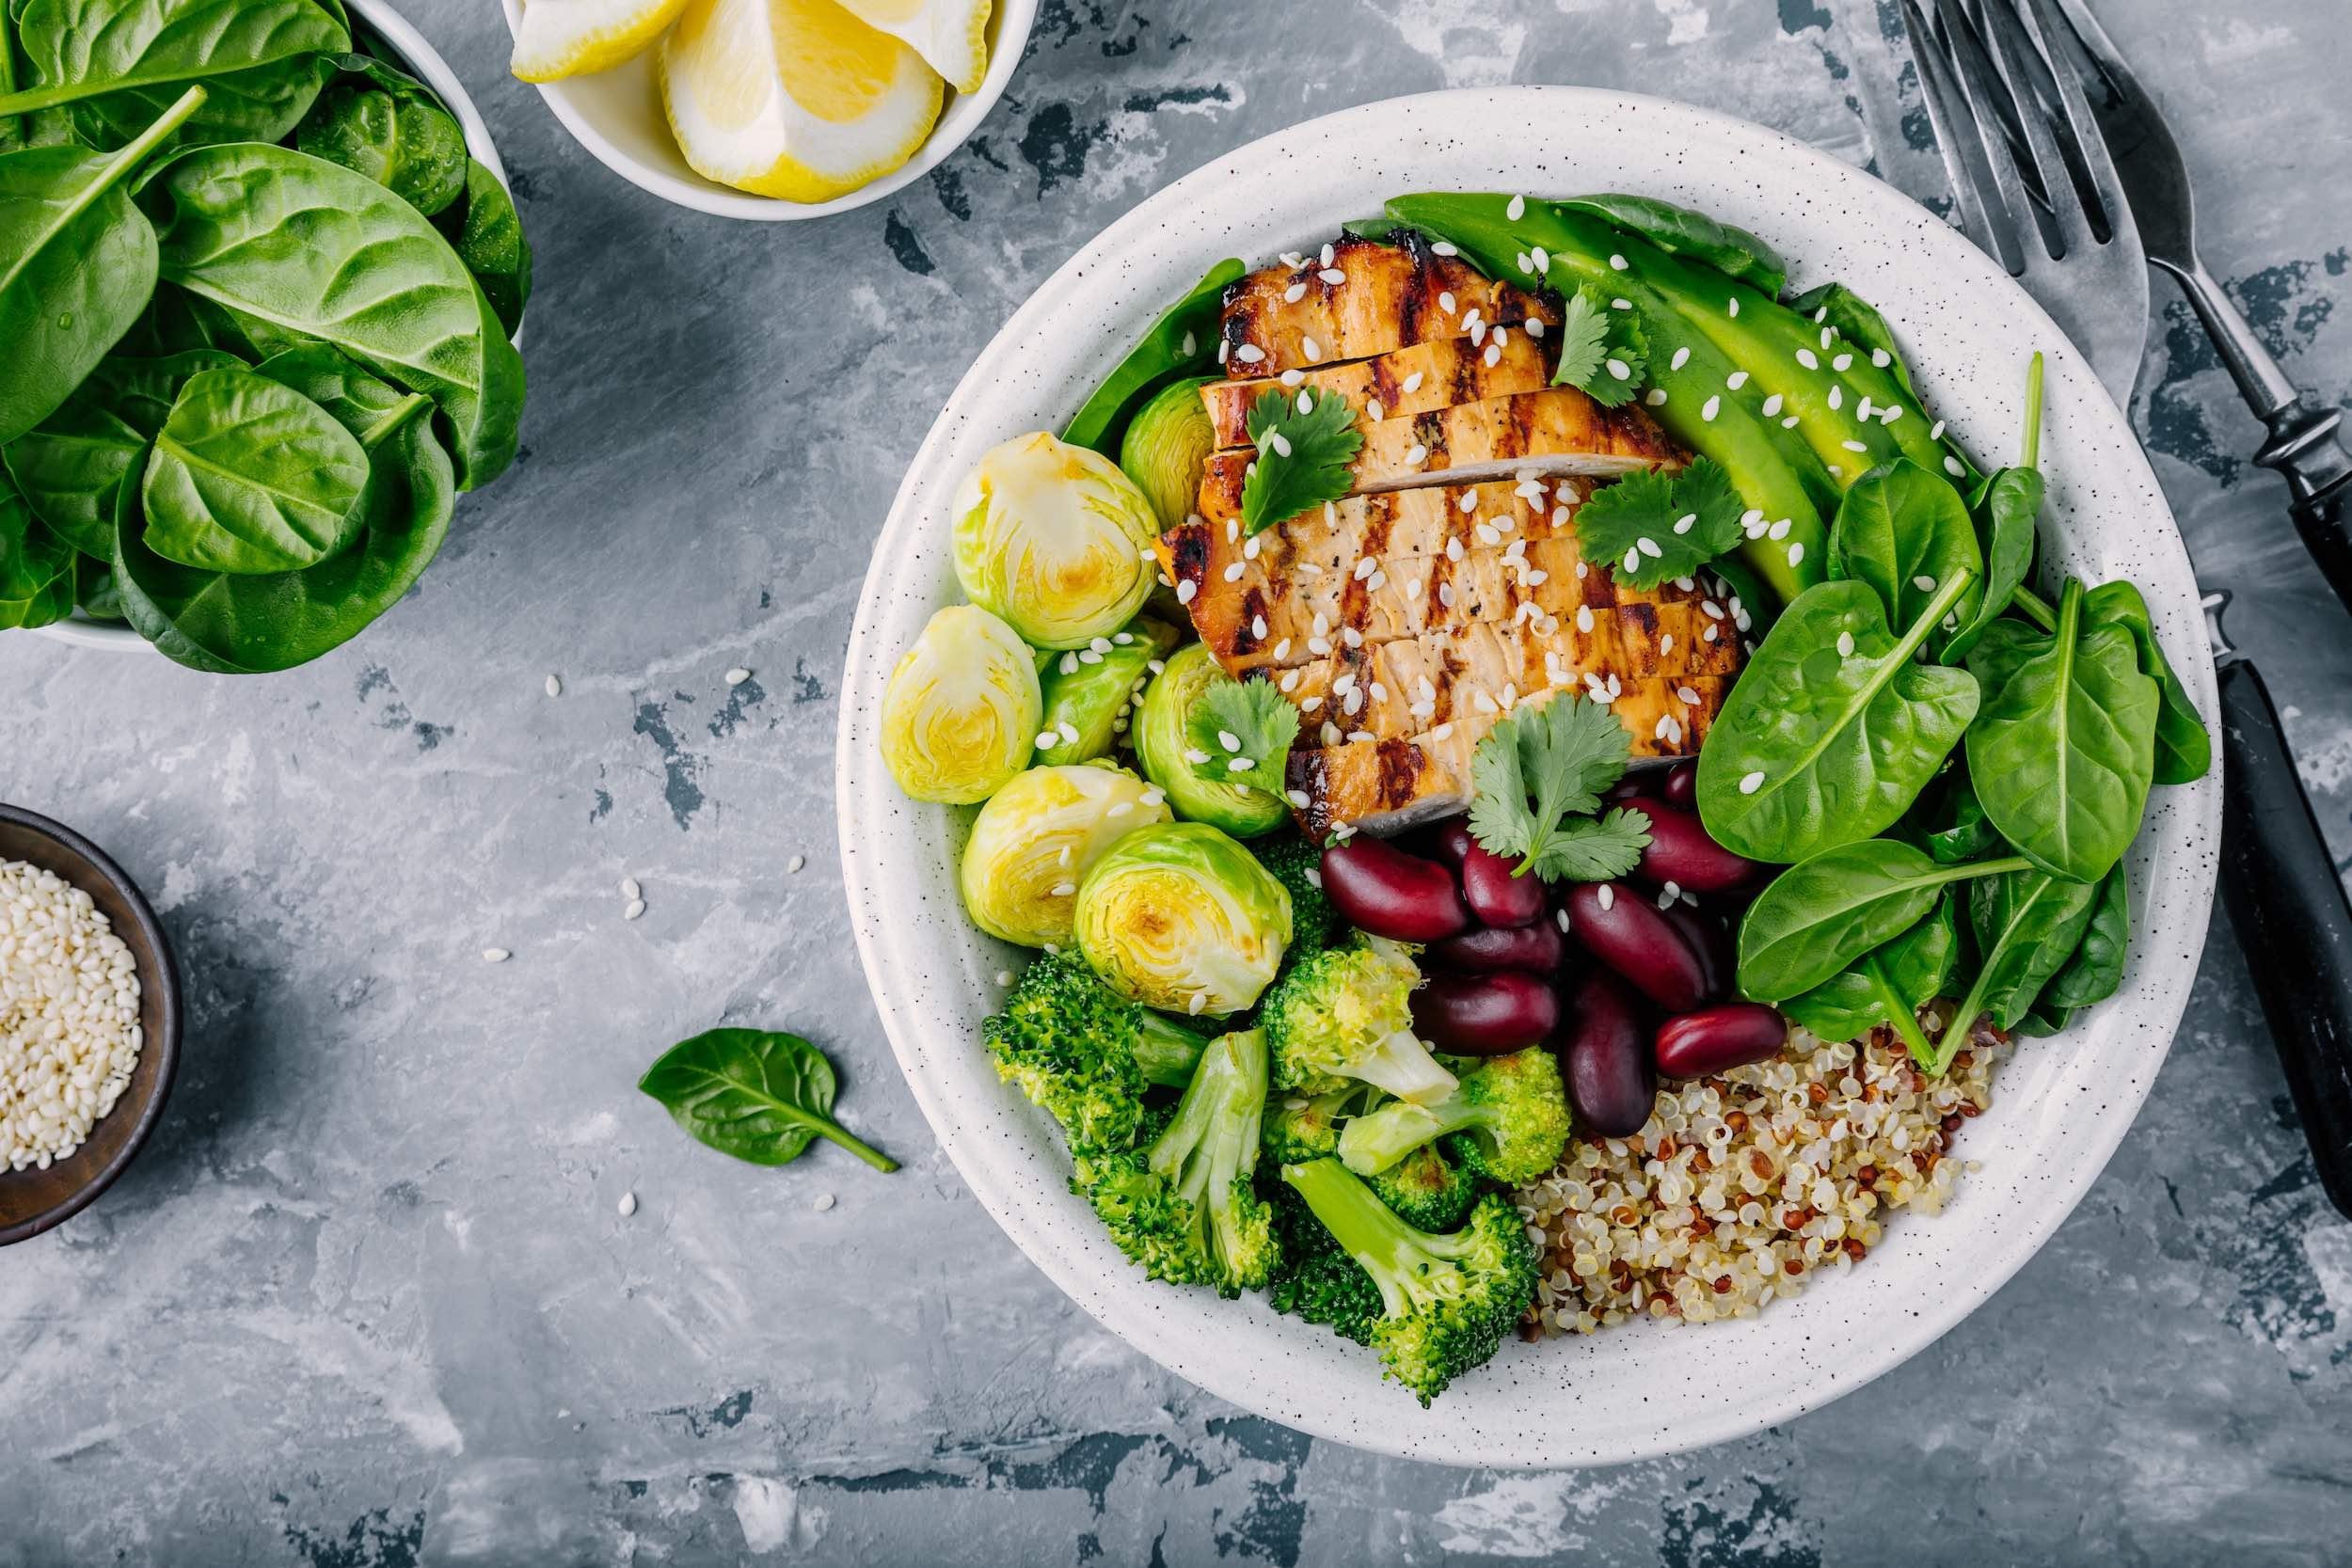 Healthy Buddha Bowl mit gegrilltem Hühnchen, Quinoa, Spinat, Avocado, Kohlsprossen, Brokkoli, Kidneybohnen und Sesam.